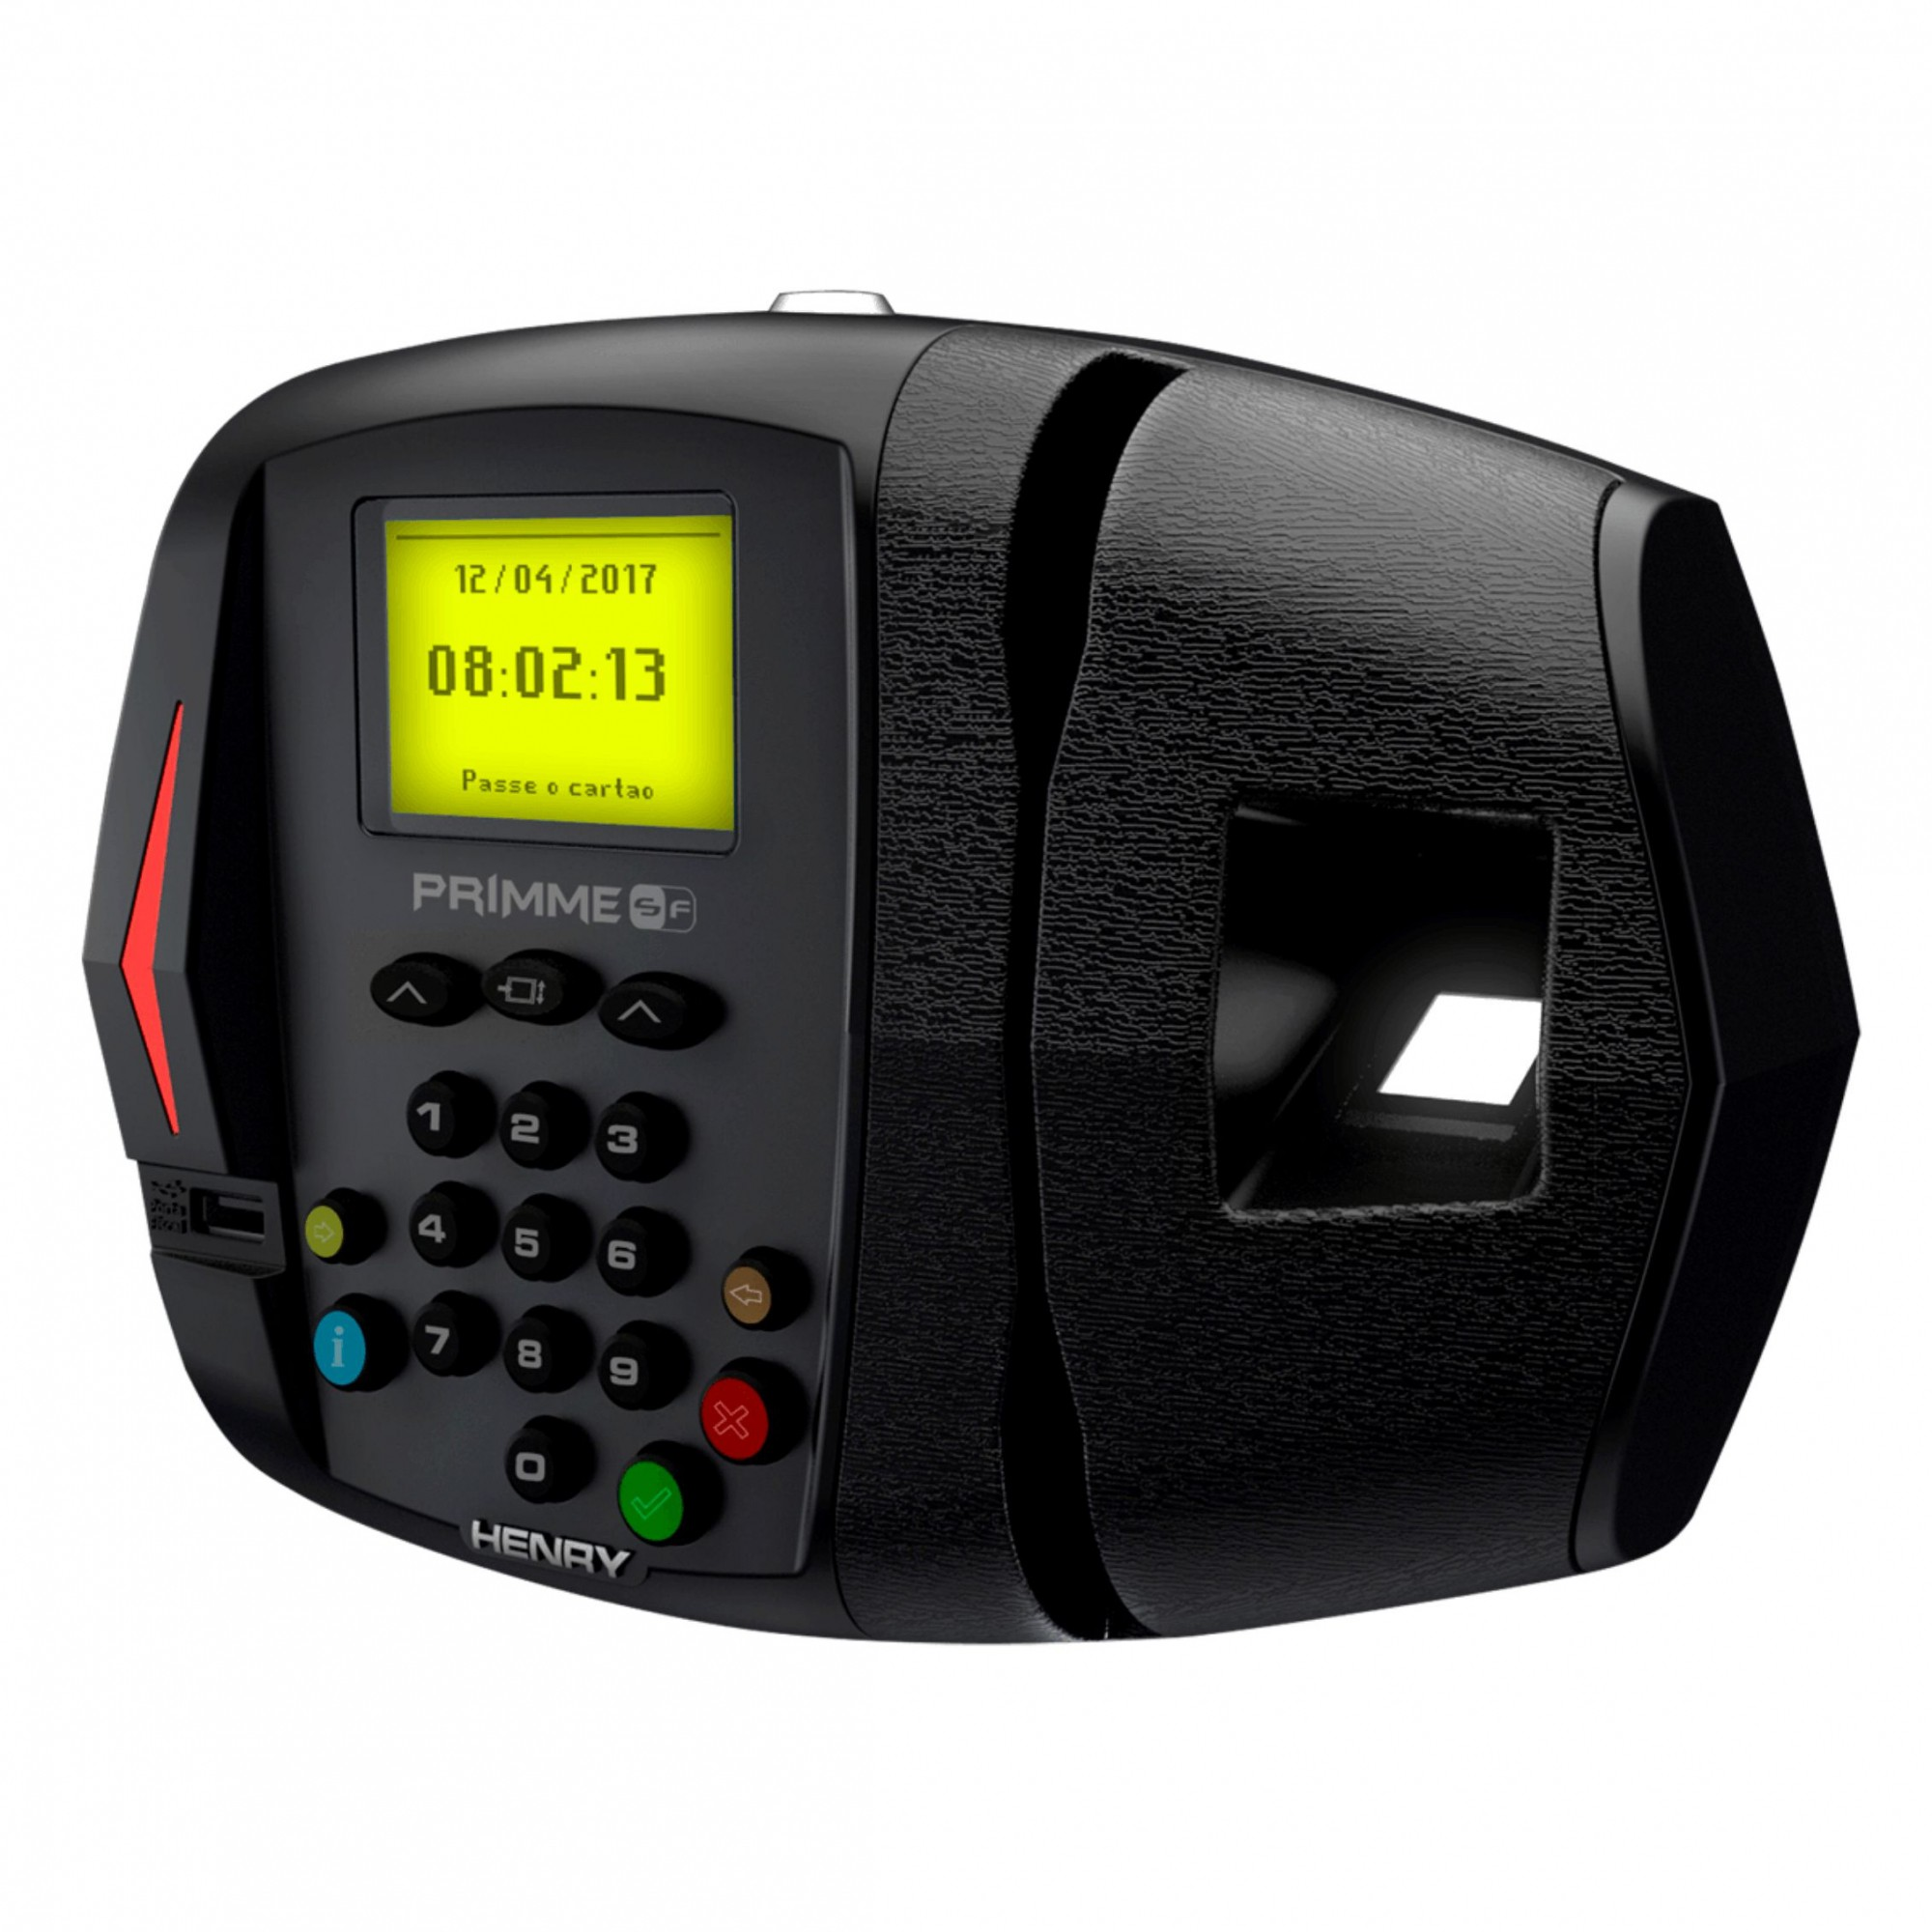 Controlador de Acesso Primme SF Biométrico e Proximidade